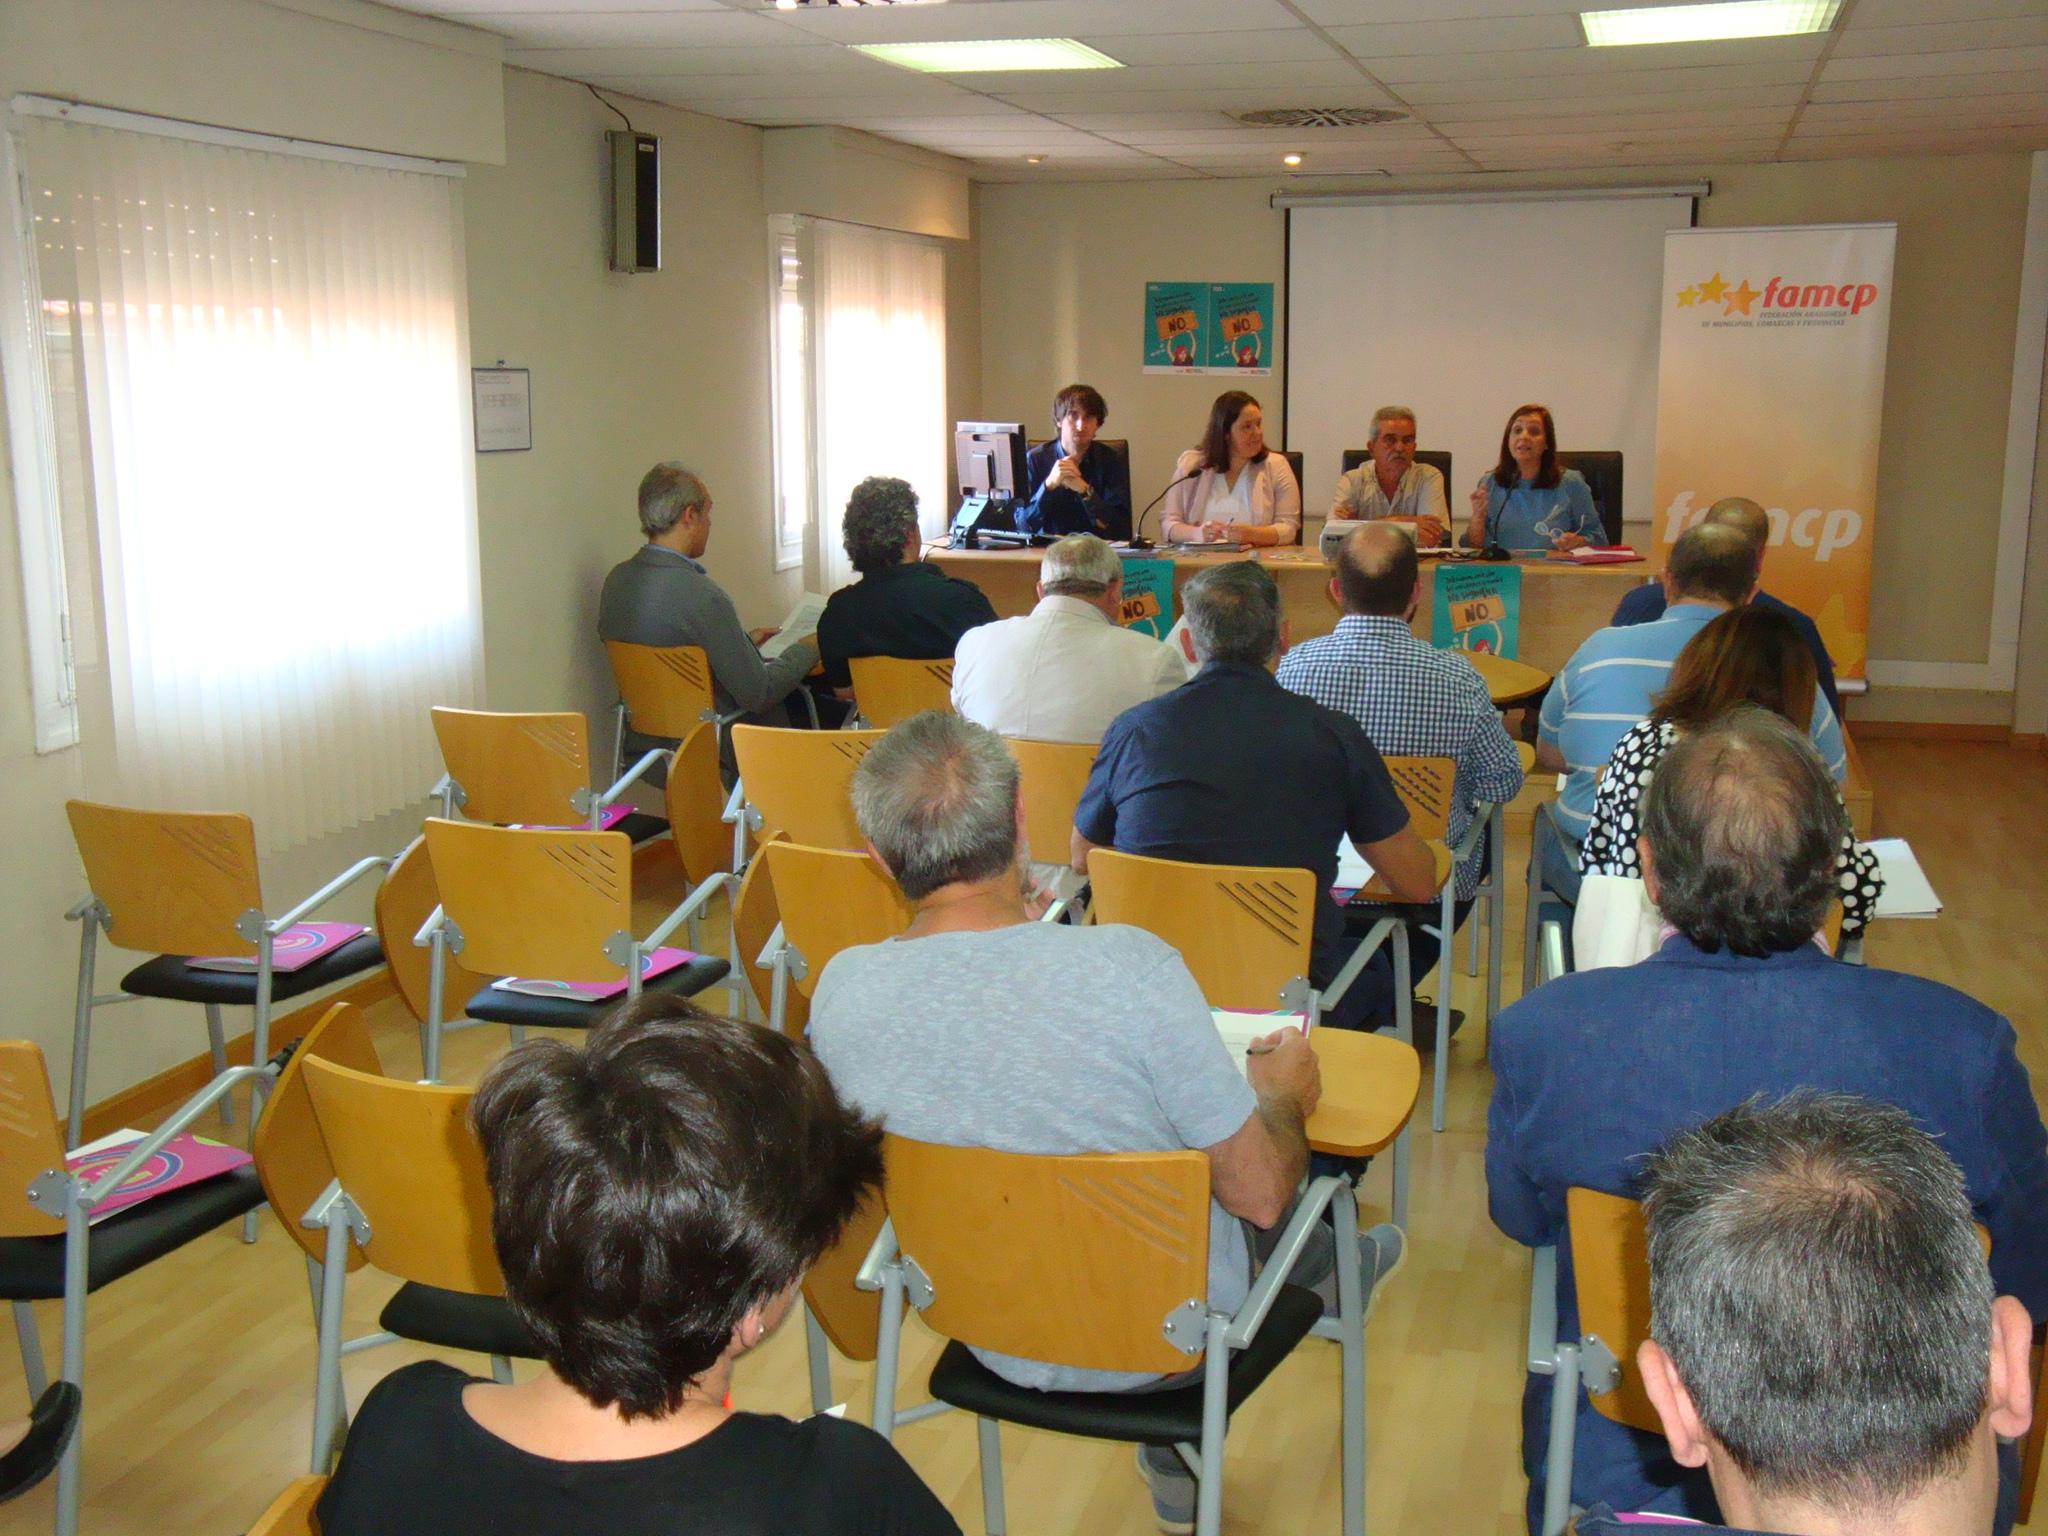 La campaña, destinada especialmente a los jóvenes, se difundirá con la colaboración de los ayuntamientos y las comarcas aragonesas.